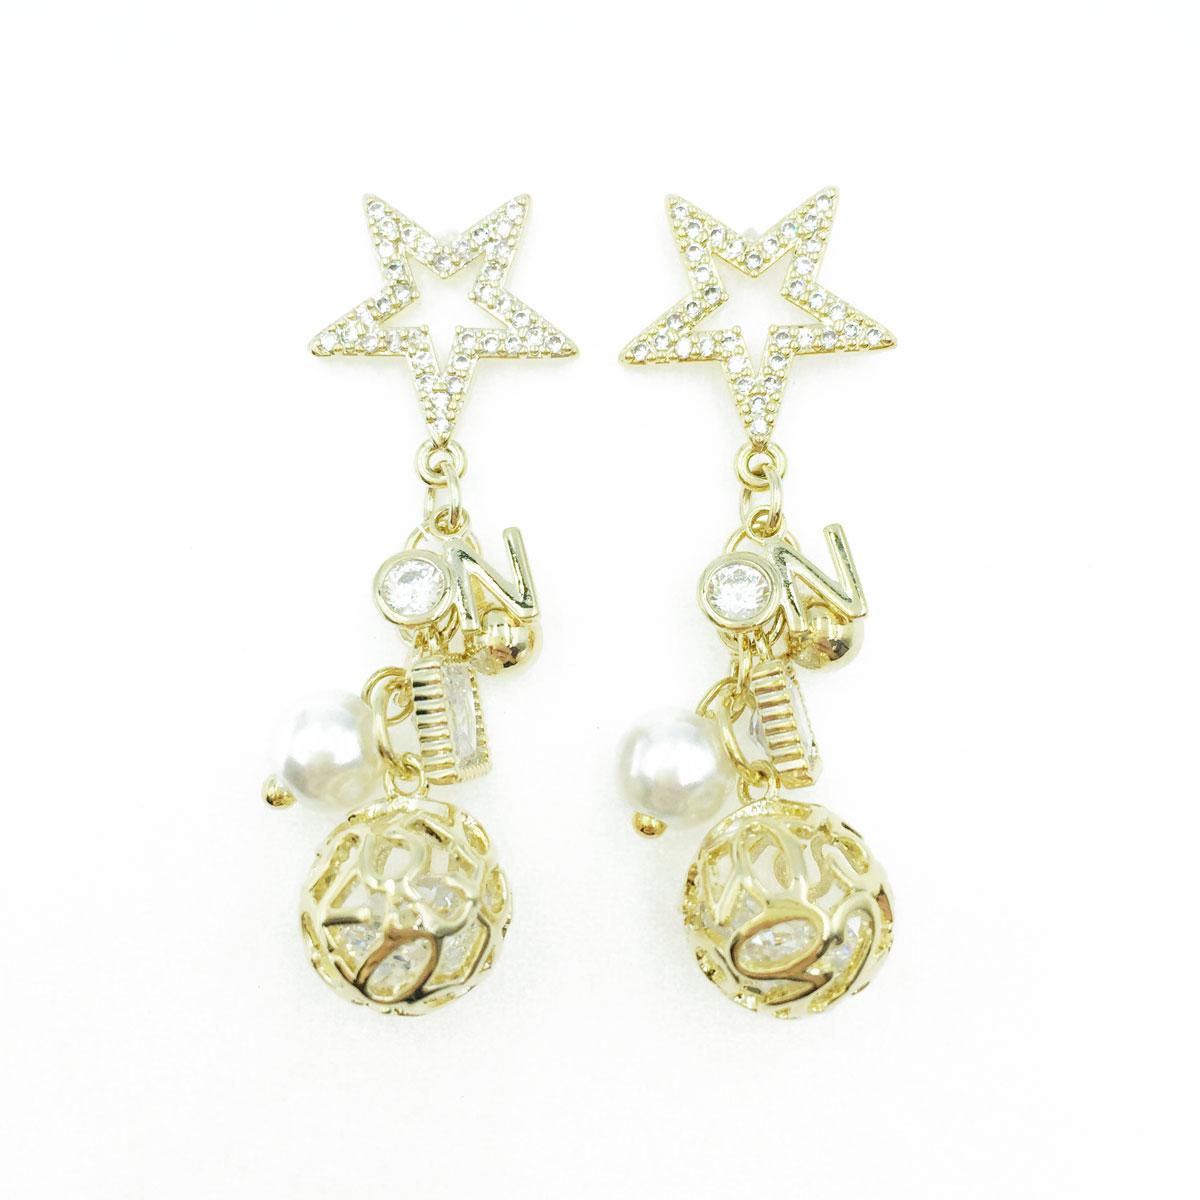 韓國 925純銀 水鑽 星星 珍珠 金屬 簍空球 垂墜感 耳針式耳環